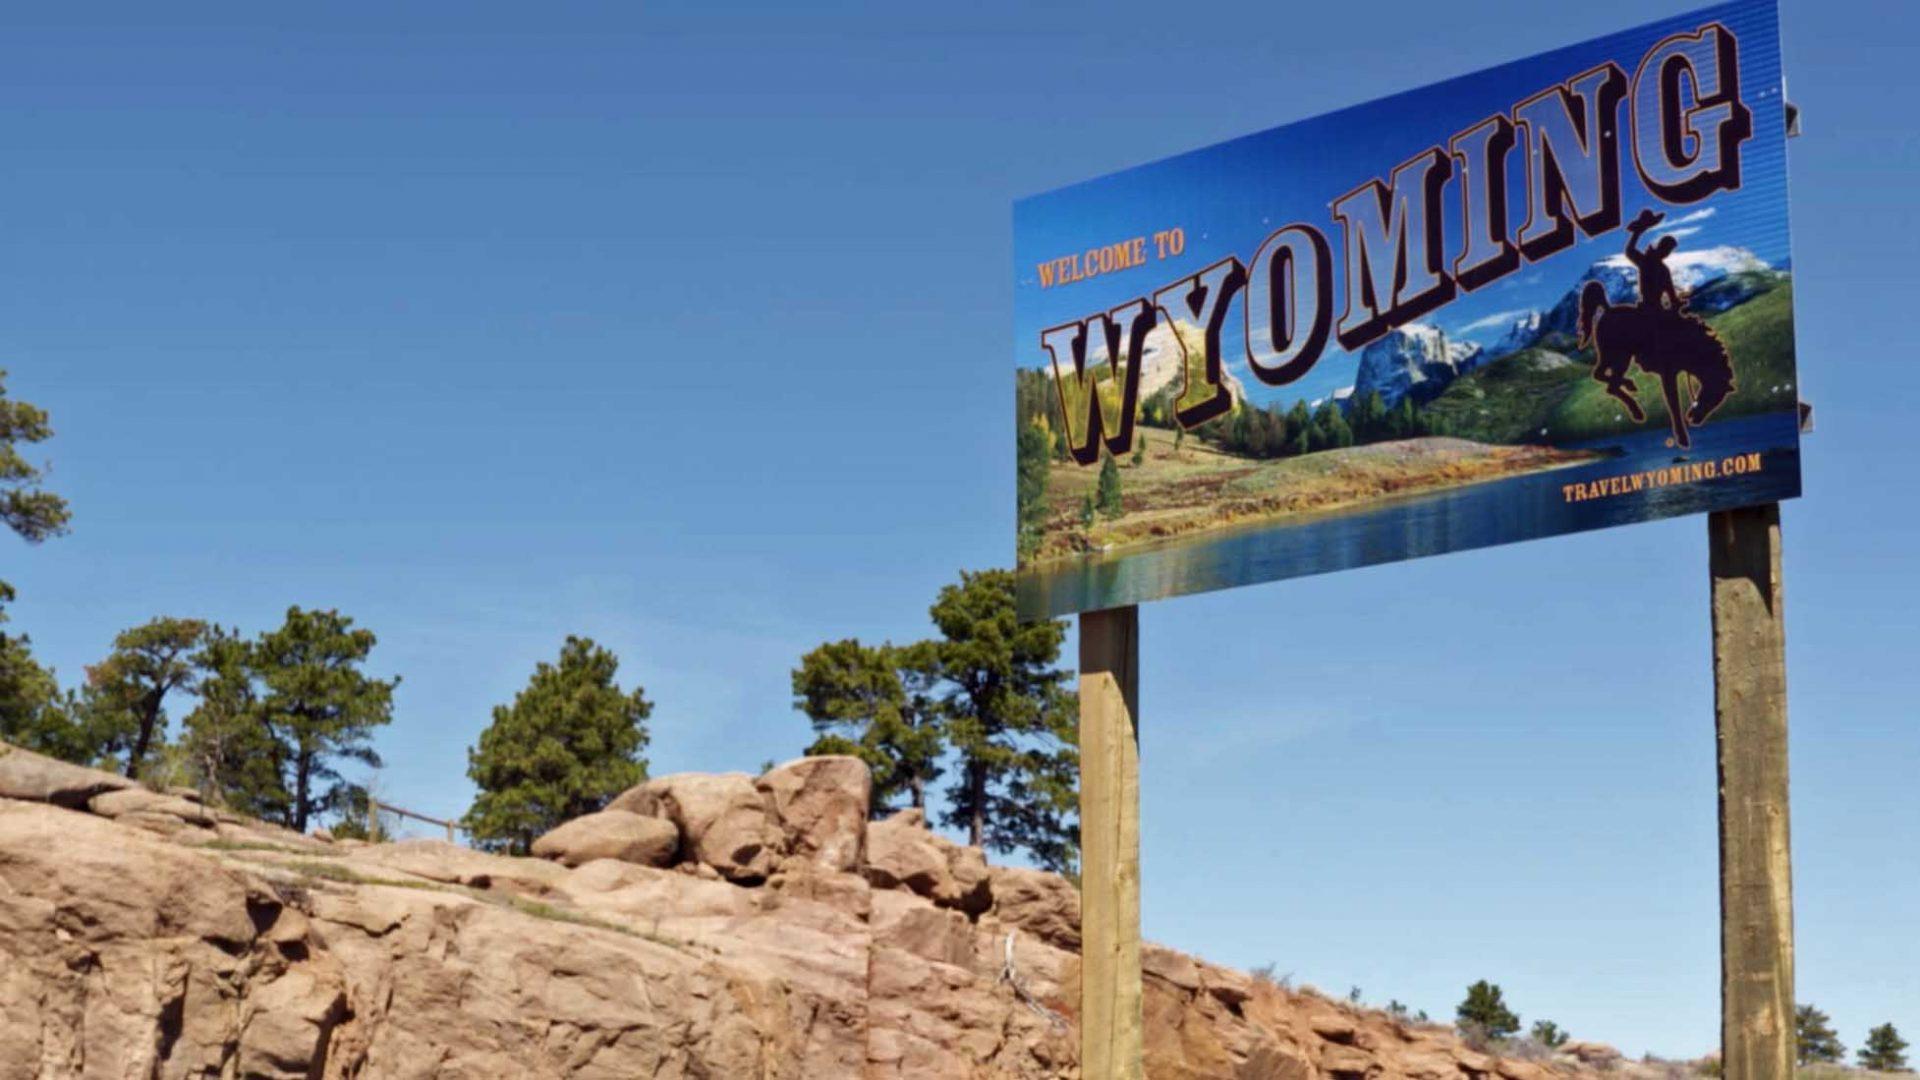 Ripple Wyoming Eyaleti ile Anlaşma Yaptı